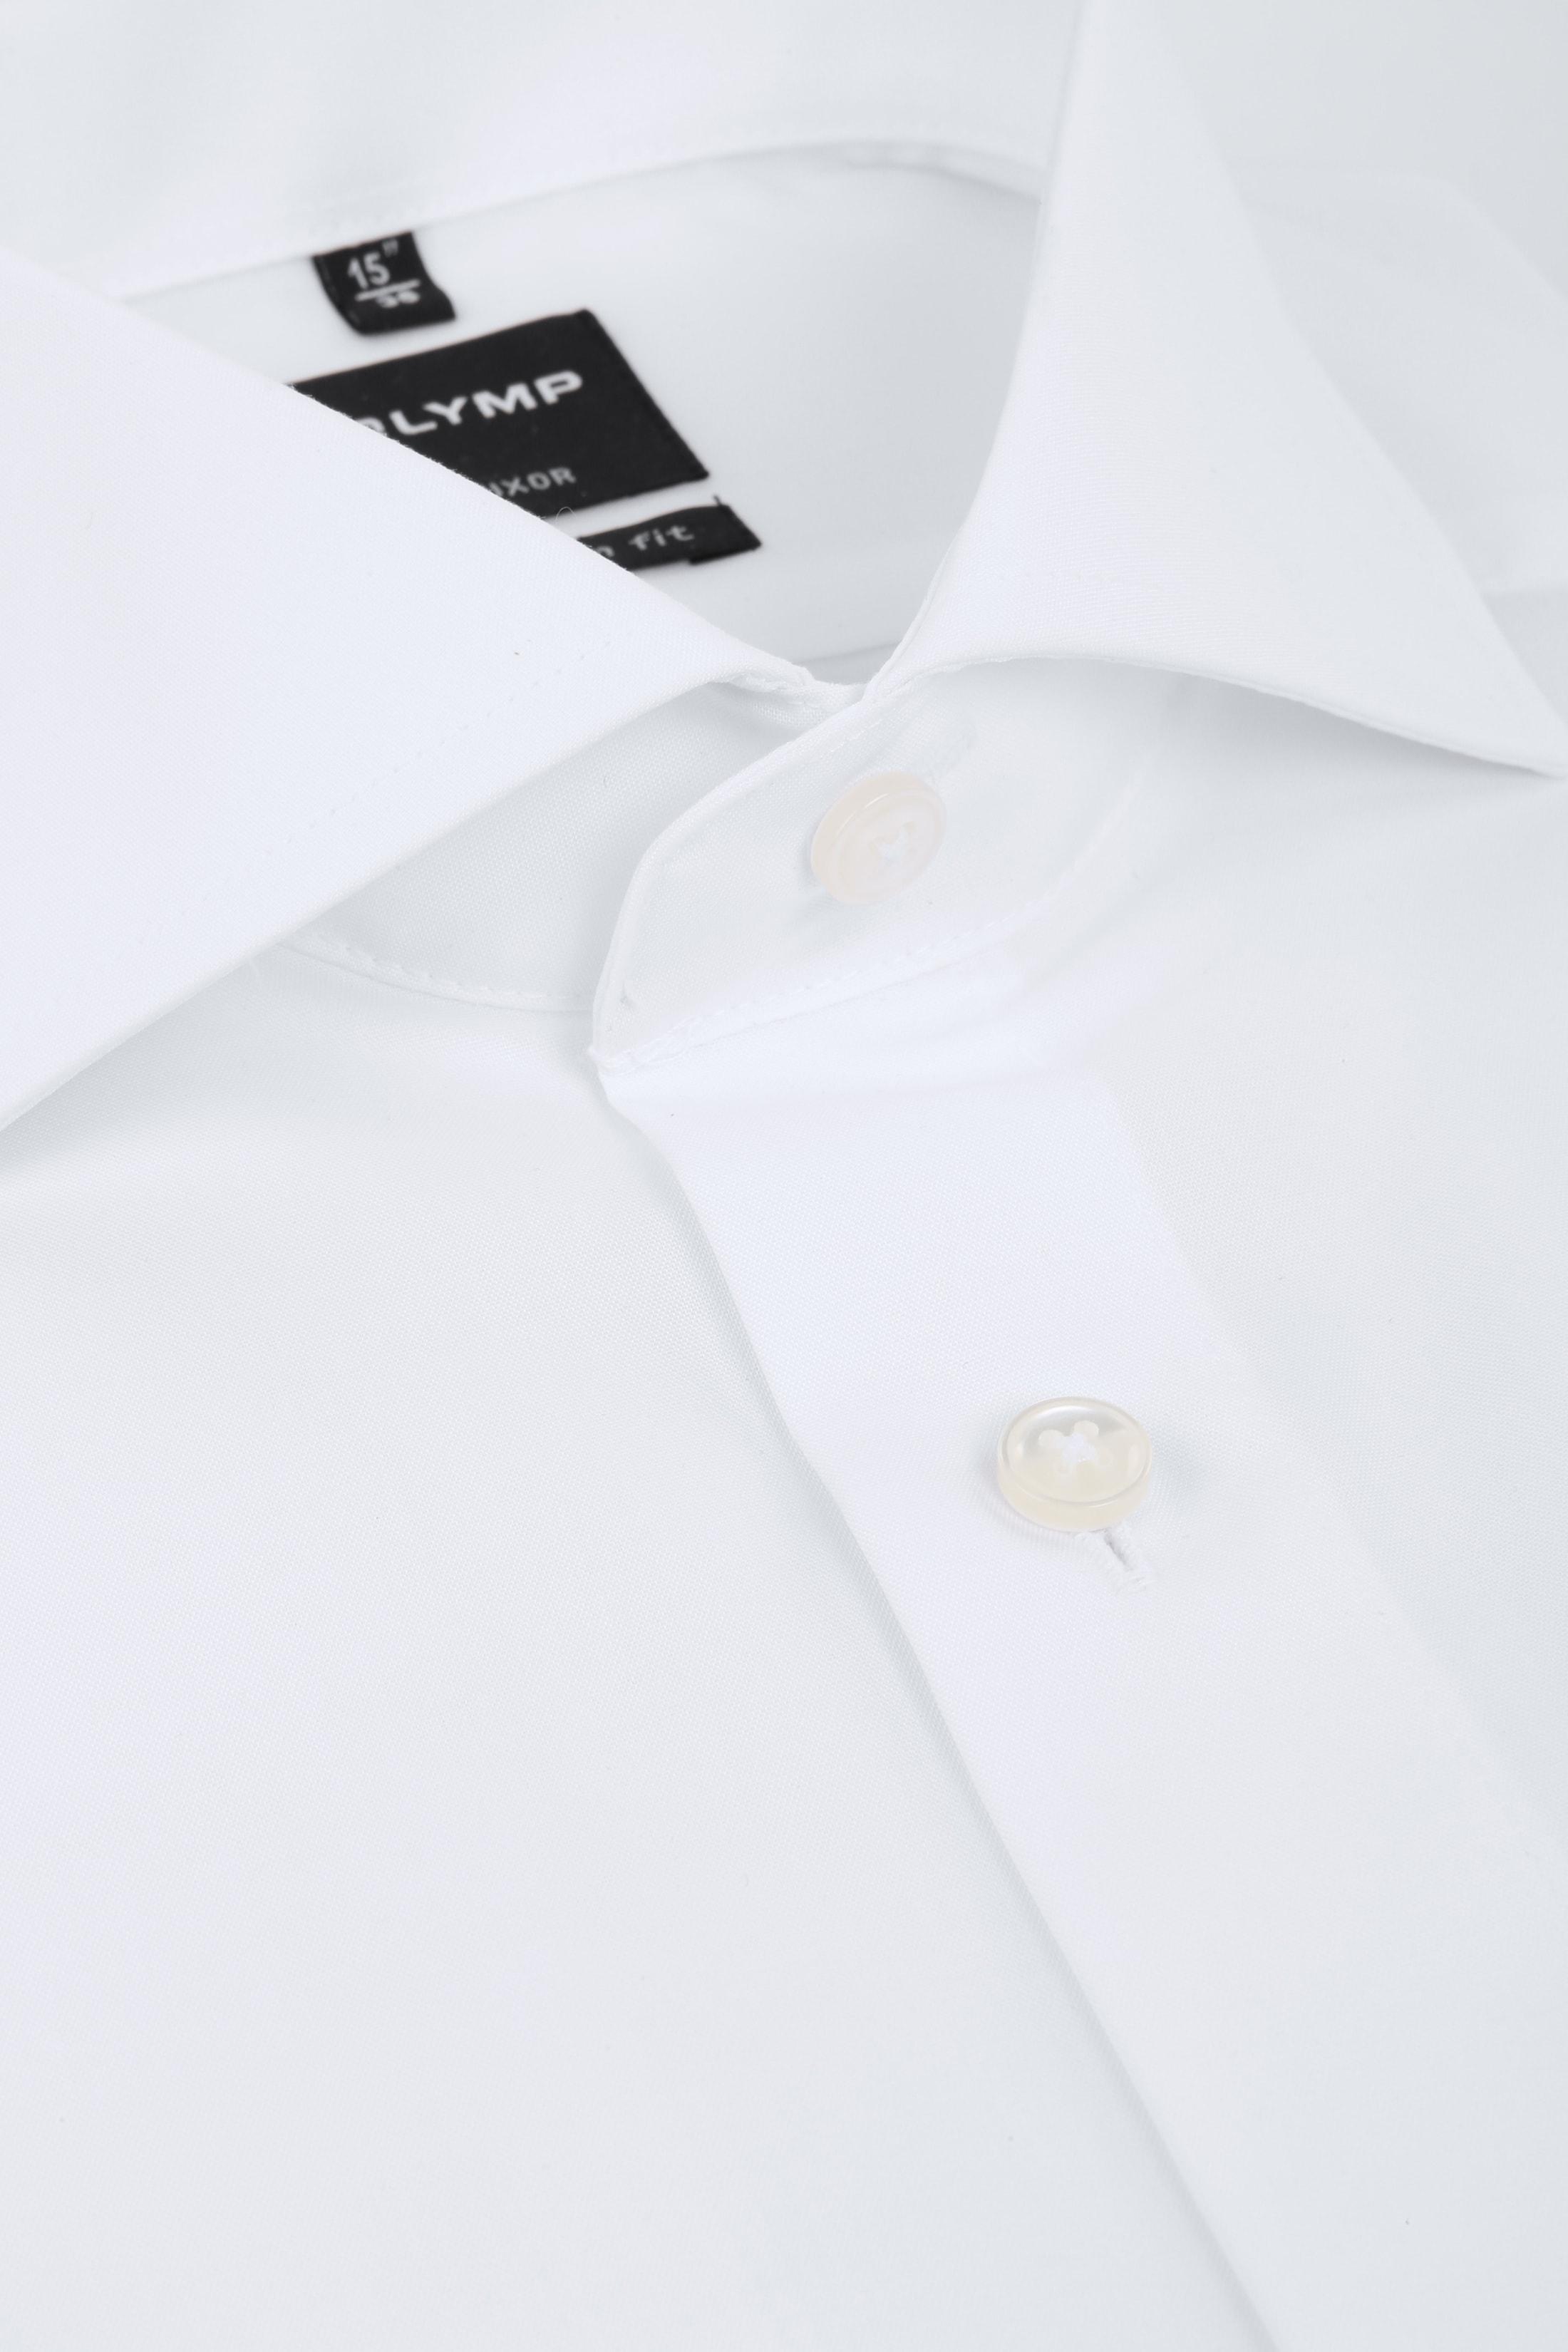 OLYMP Luxor Hemd SL7 Modern Fit Doppelmanschette Weiß foto 1